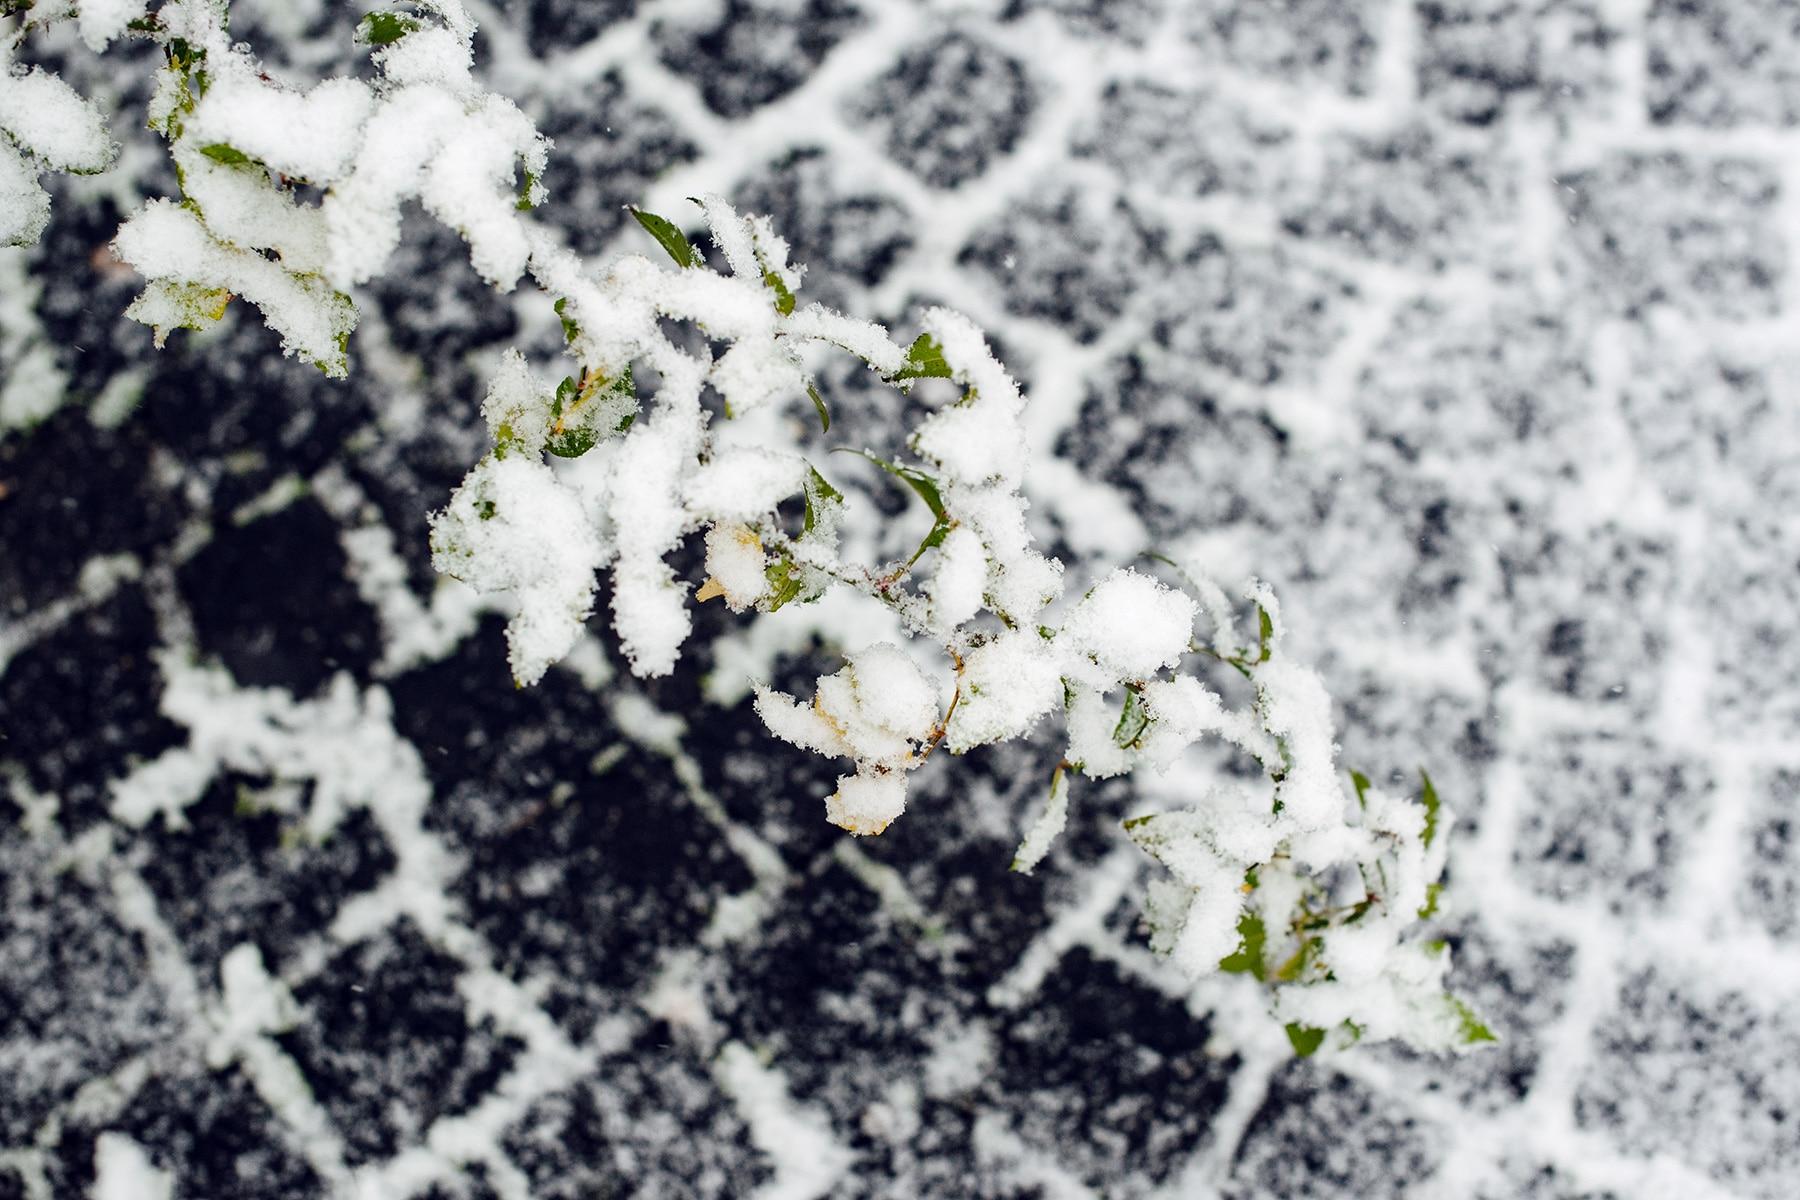 Branche d'arbuste dont les feuilles encore verte sont recouvertes de neige fraiche